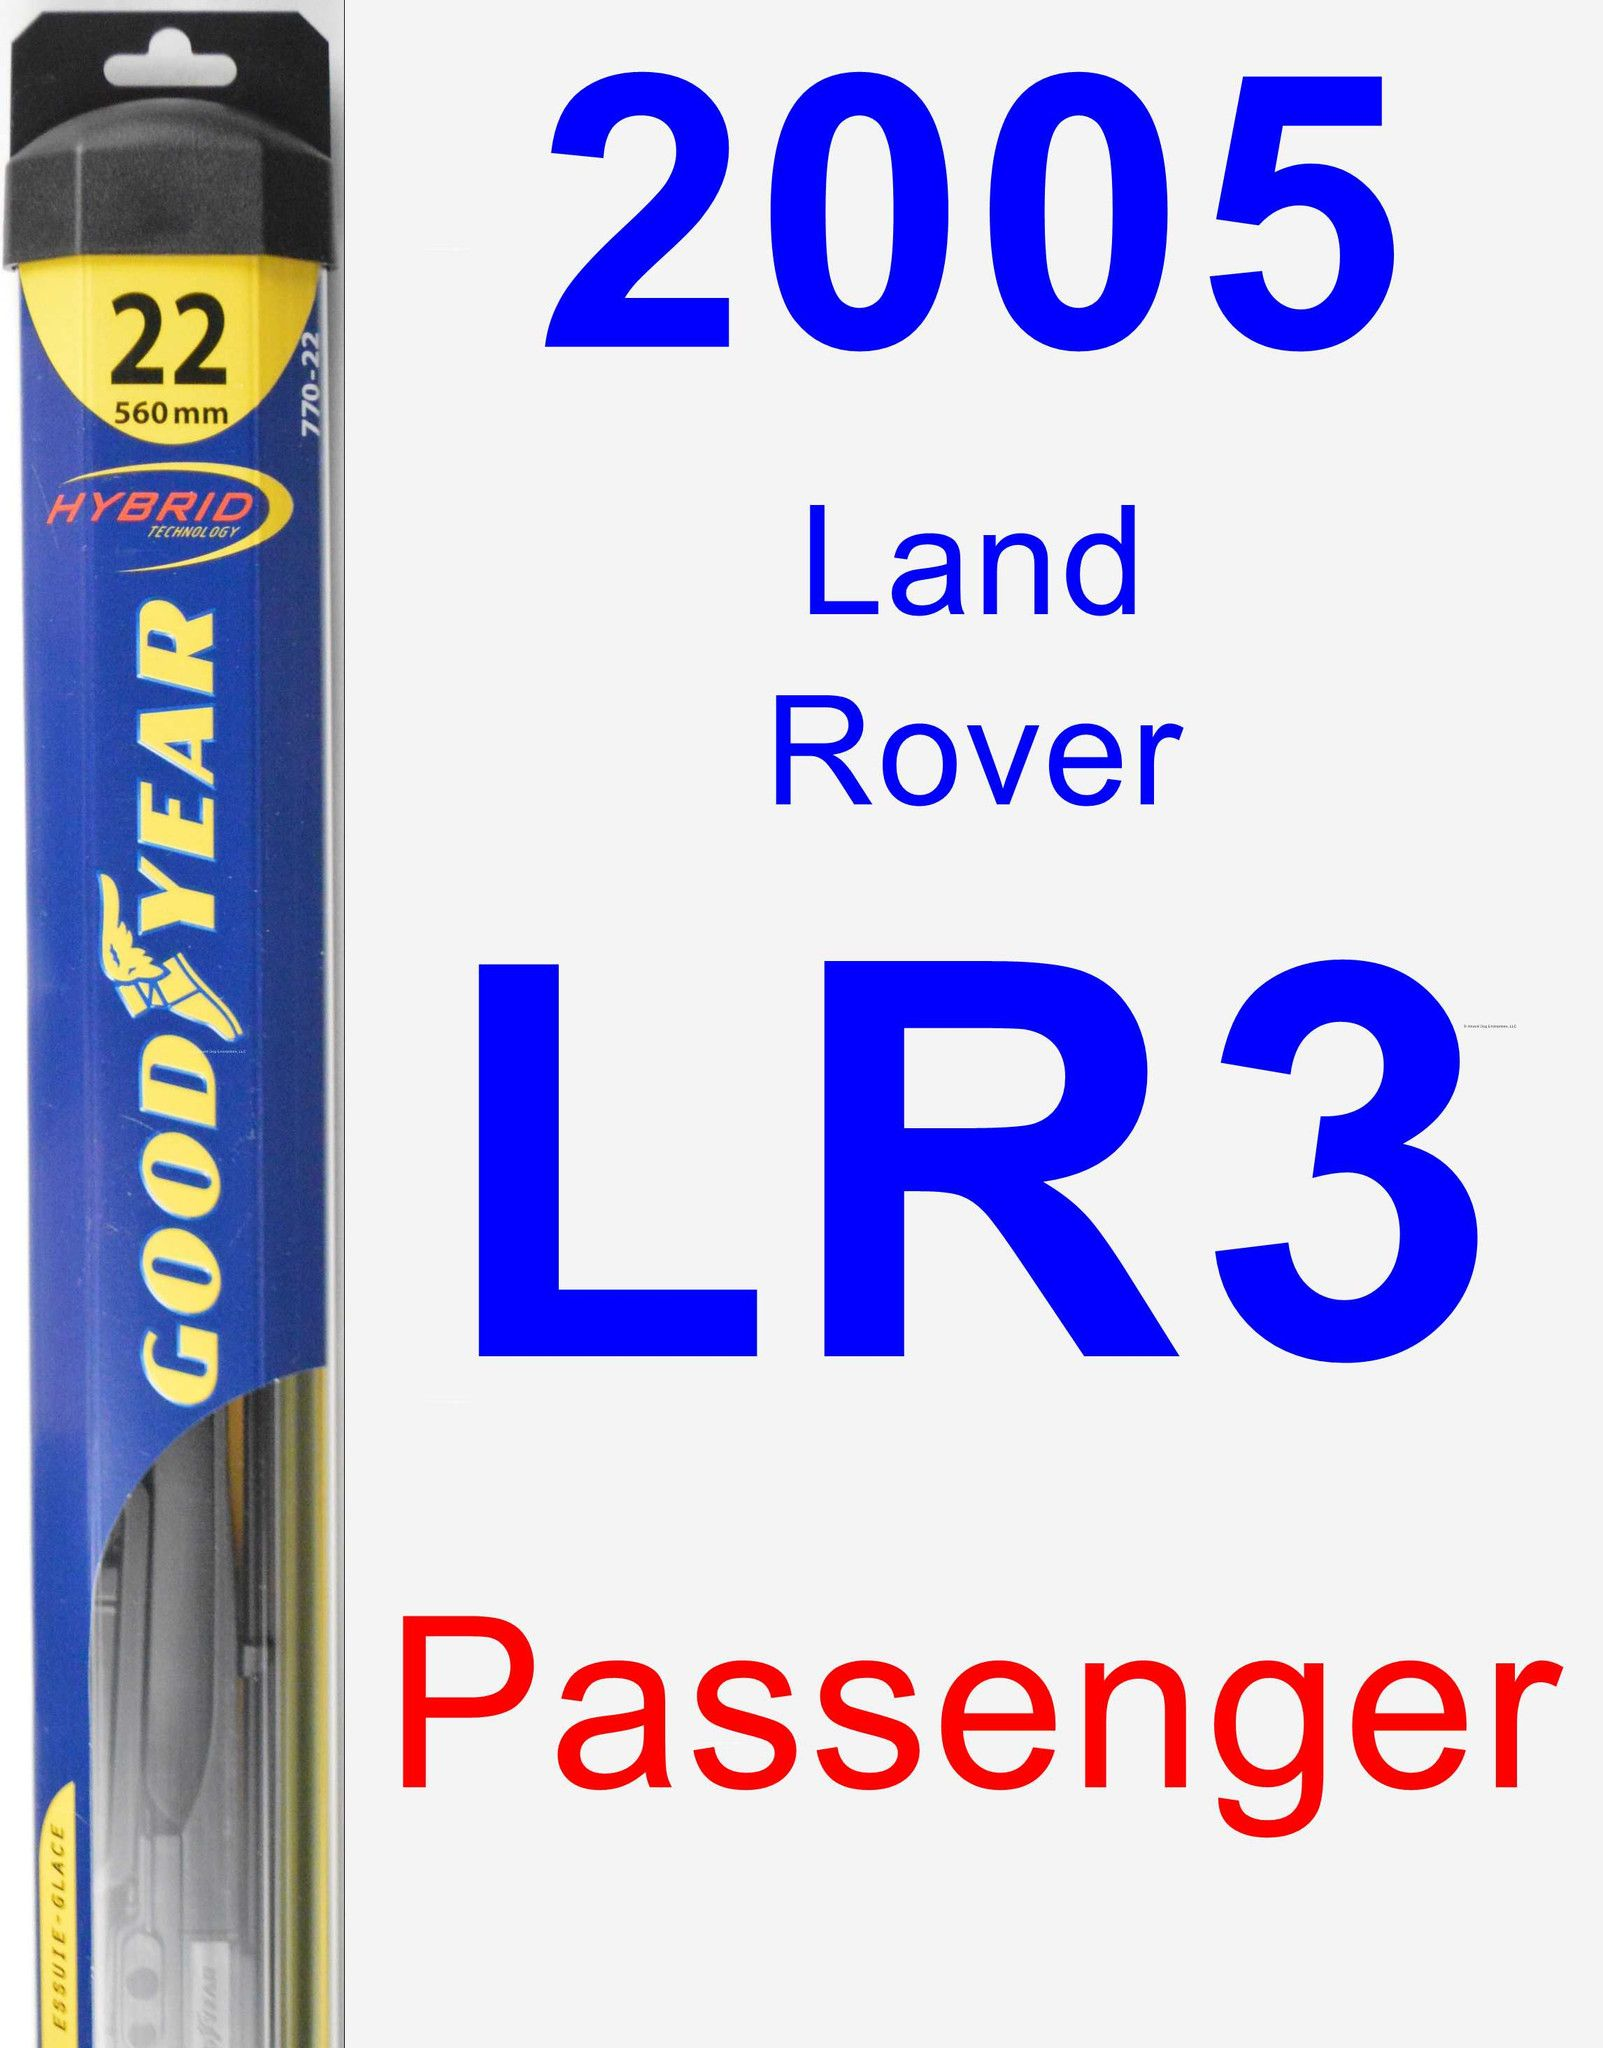 Passenger Wiper Blade for 2005 Land Rover LR3 - Hybrid